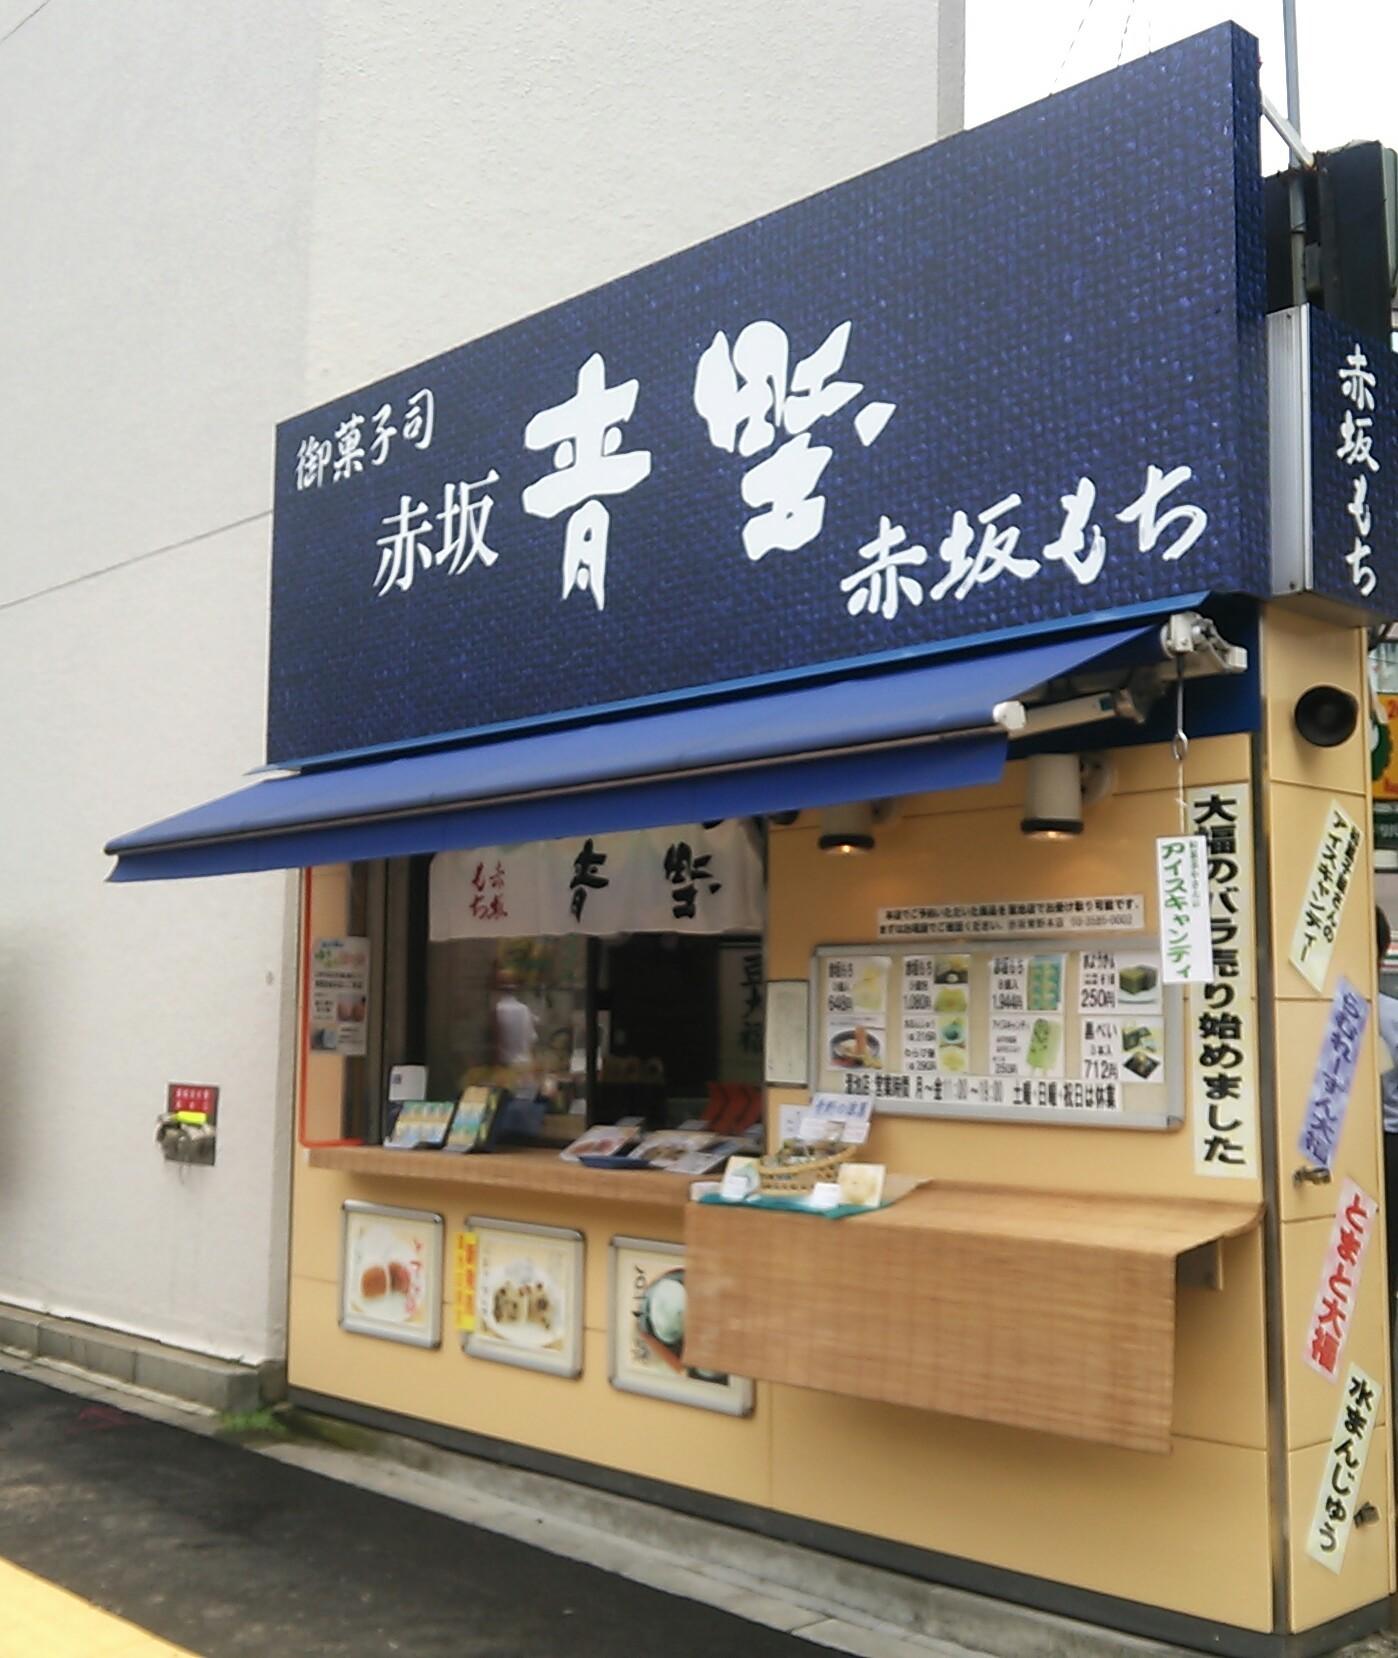 赤坂青野 溜池店